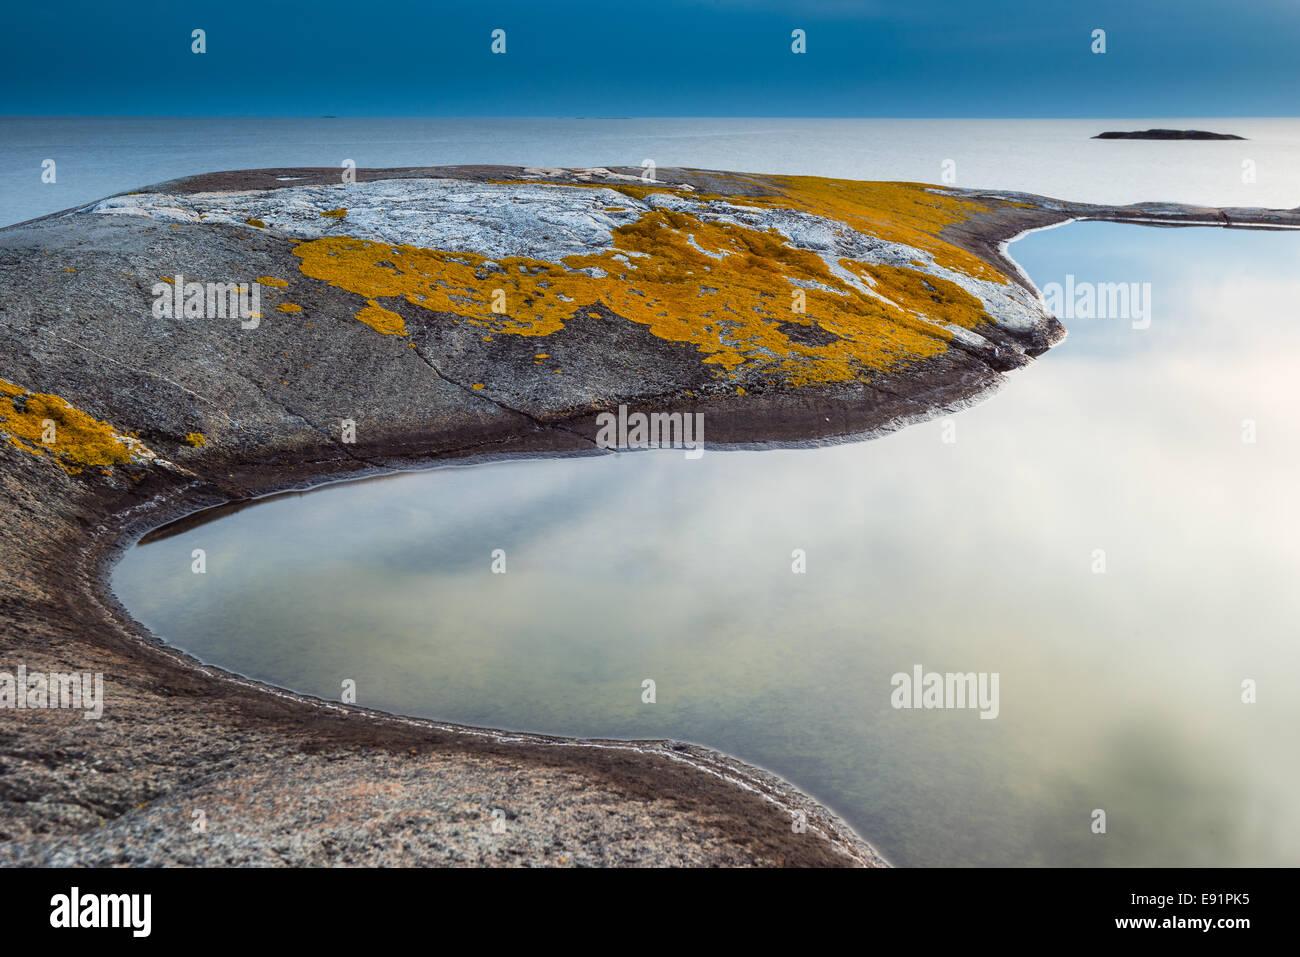 Marea liscia piscina contornata da mossy rock Immagini Stock